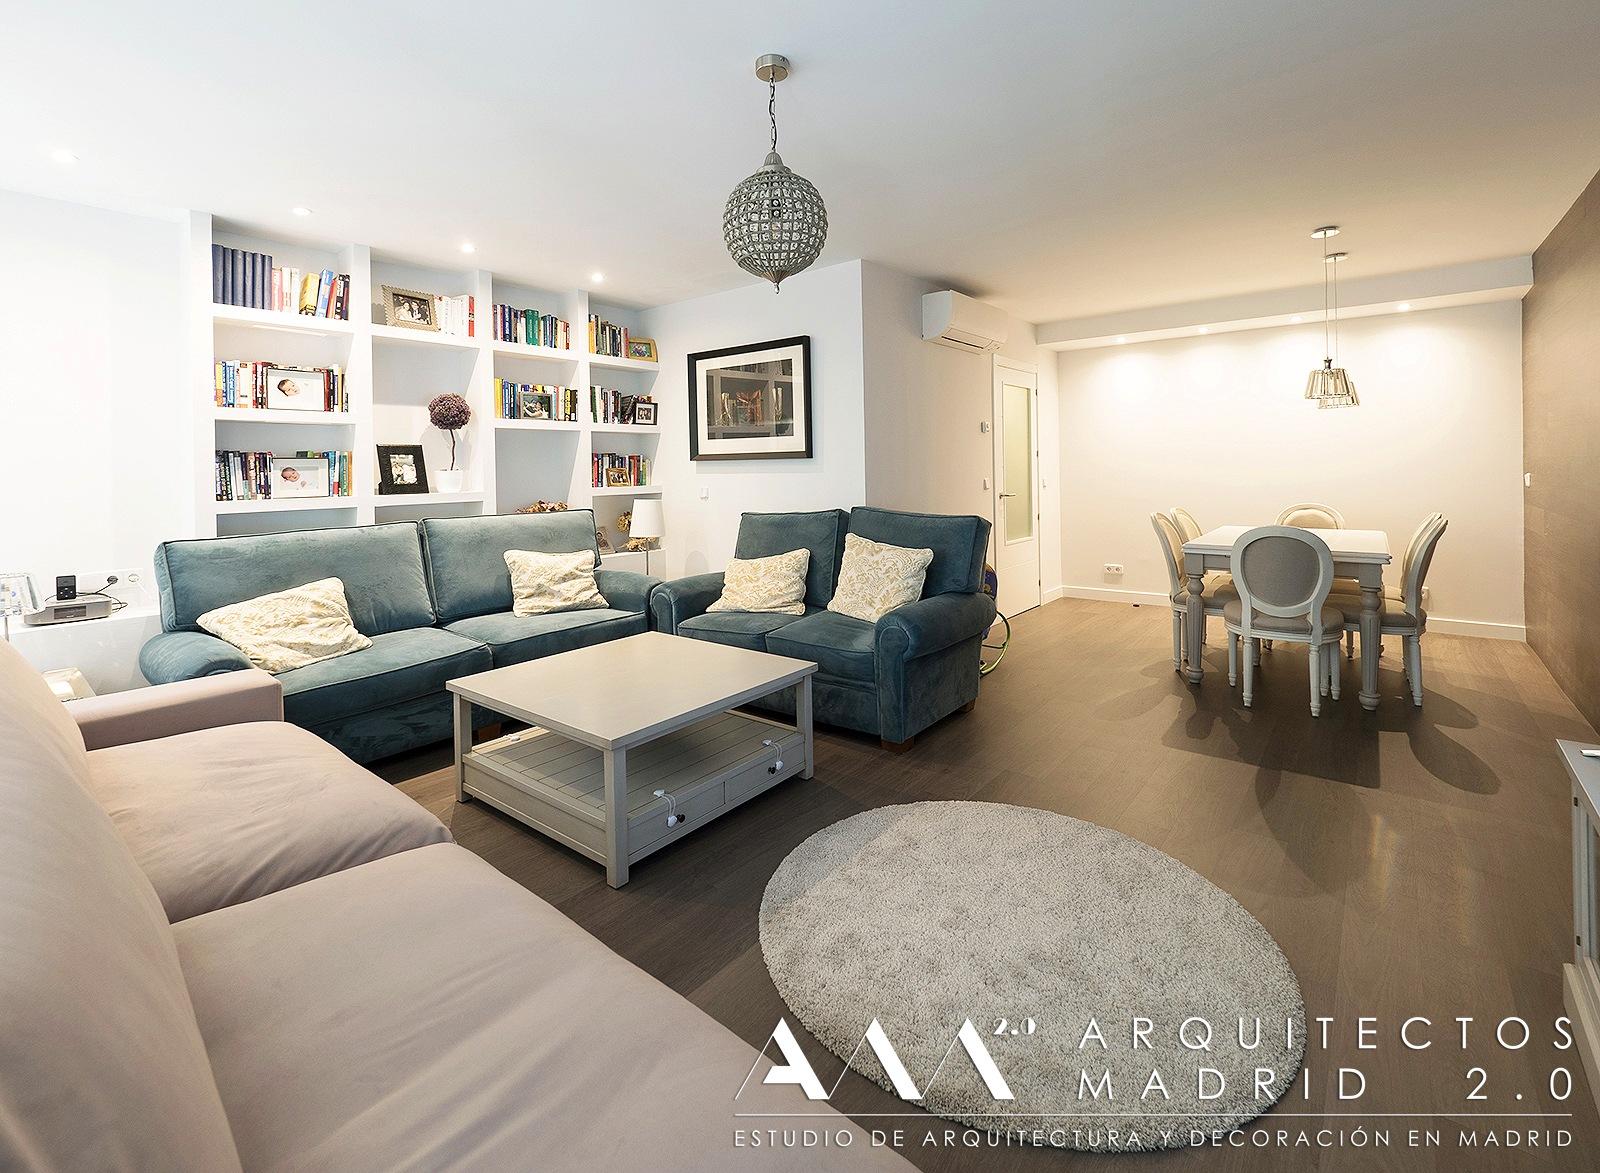 reforma-convertir-oficina-en-vivienda-arquitectos-madrid-00-salon-contemporaneo.jpg